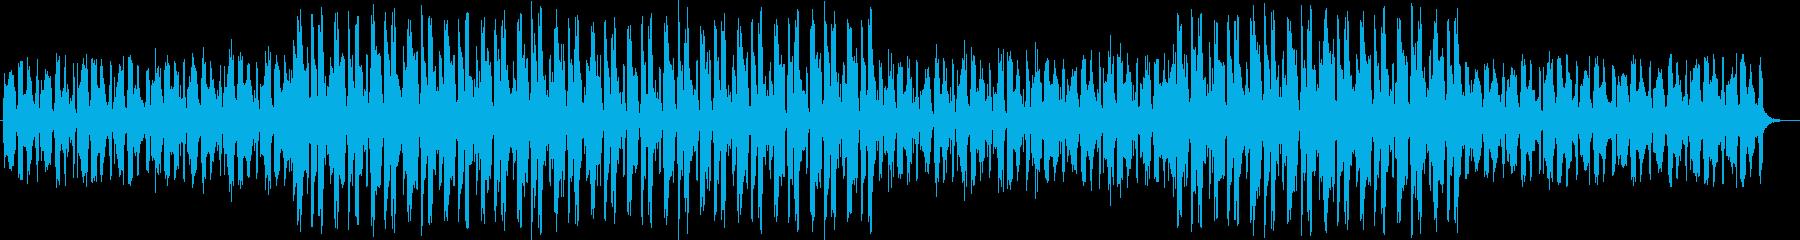 チルアウト シティポップ ローファイ の再生済みの波形